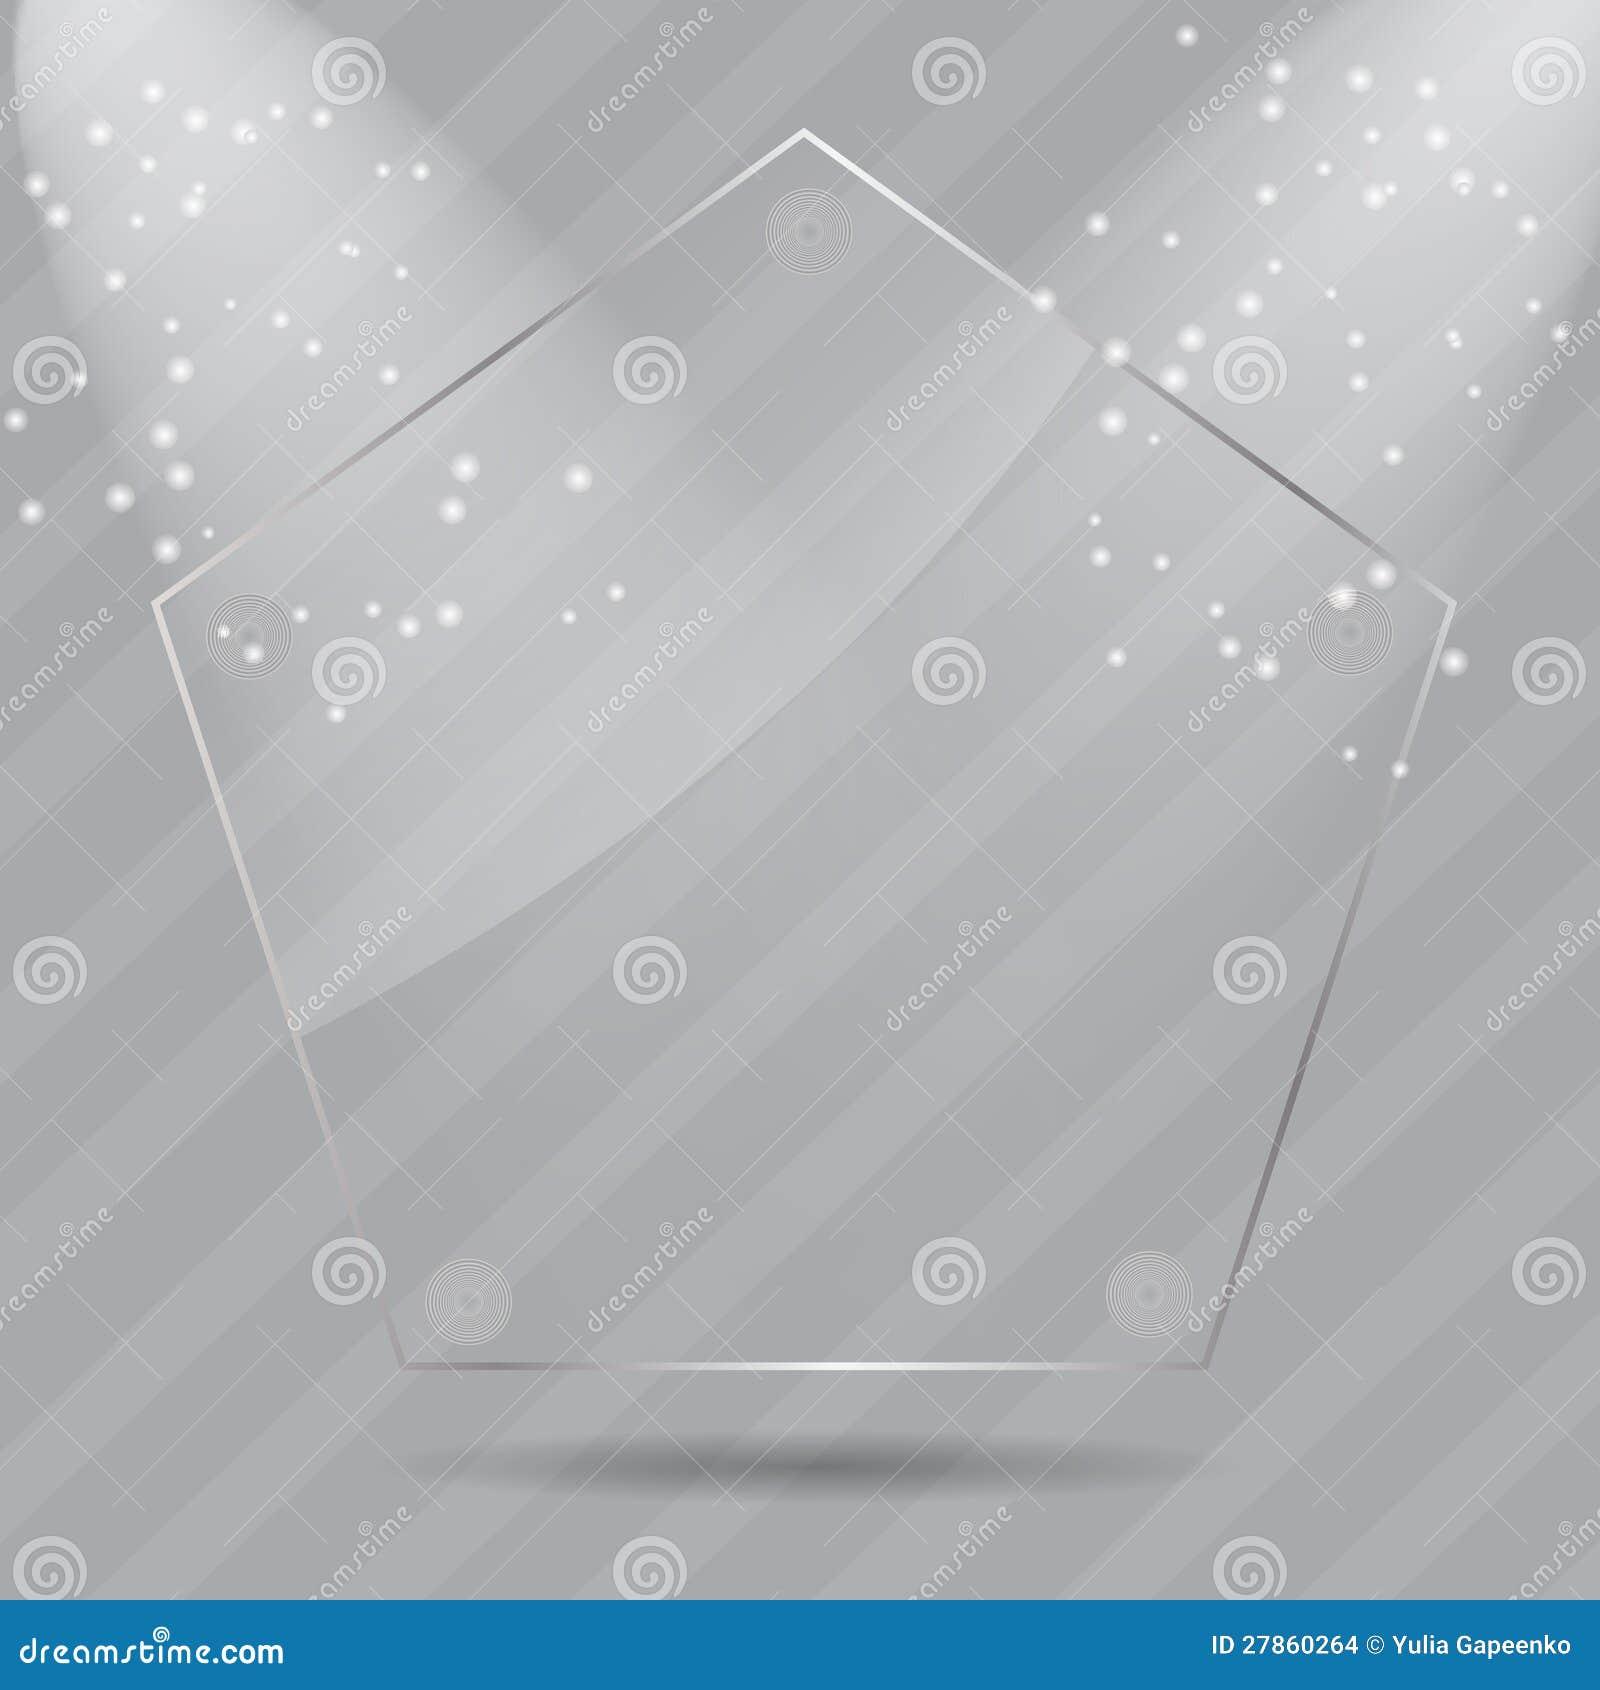 Realistyczne szklane ramy. Wektorowa ilustracja